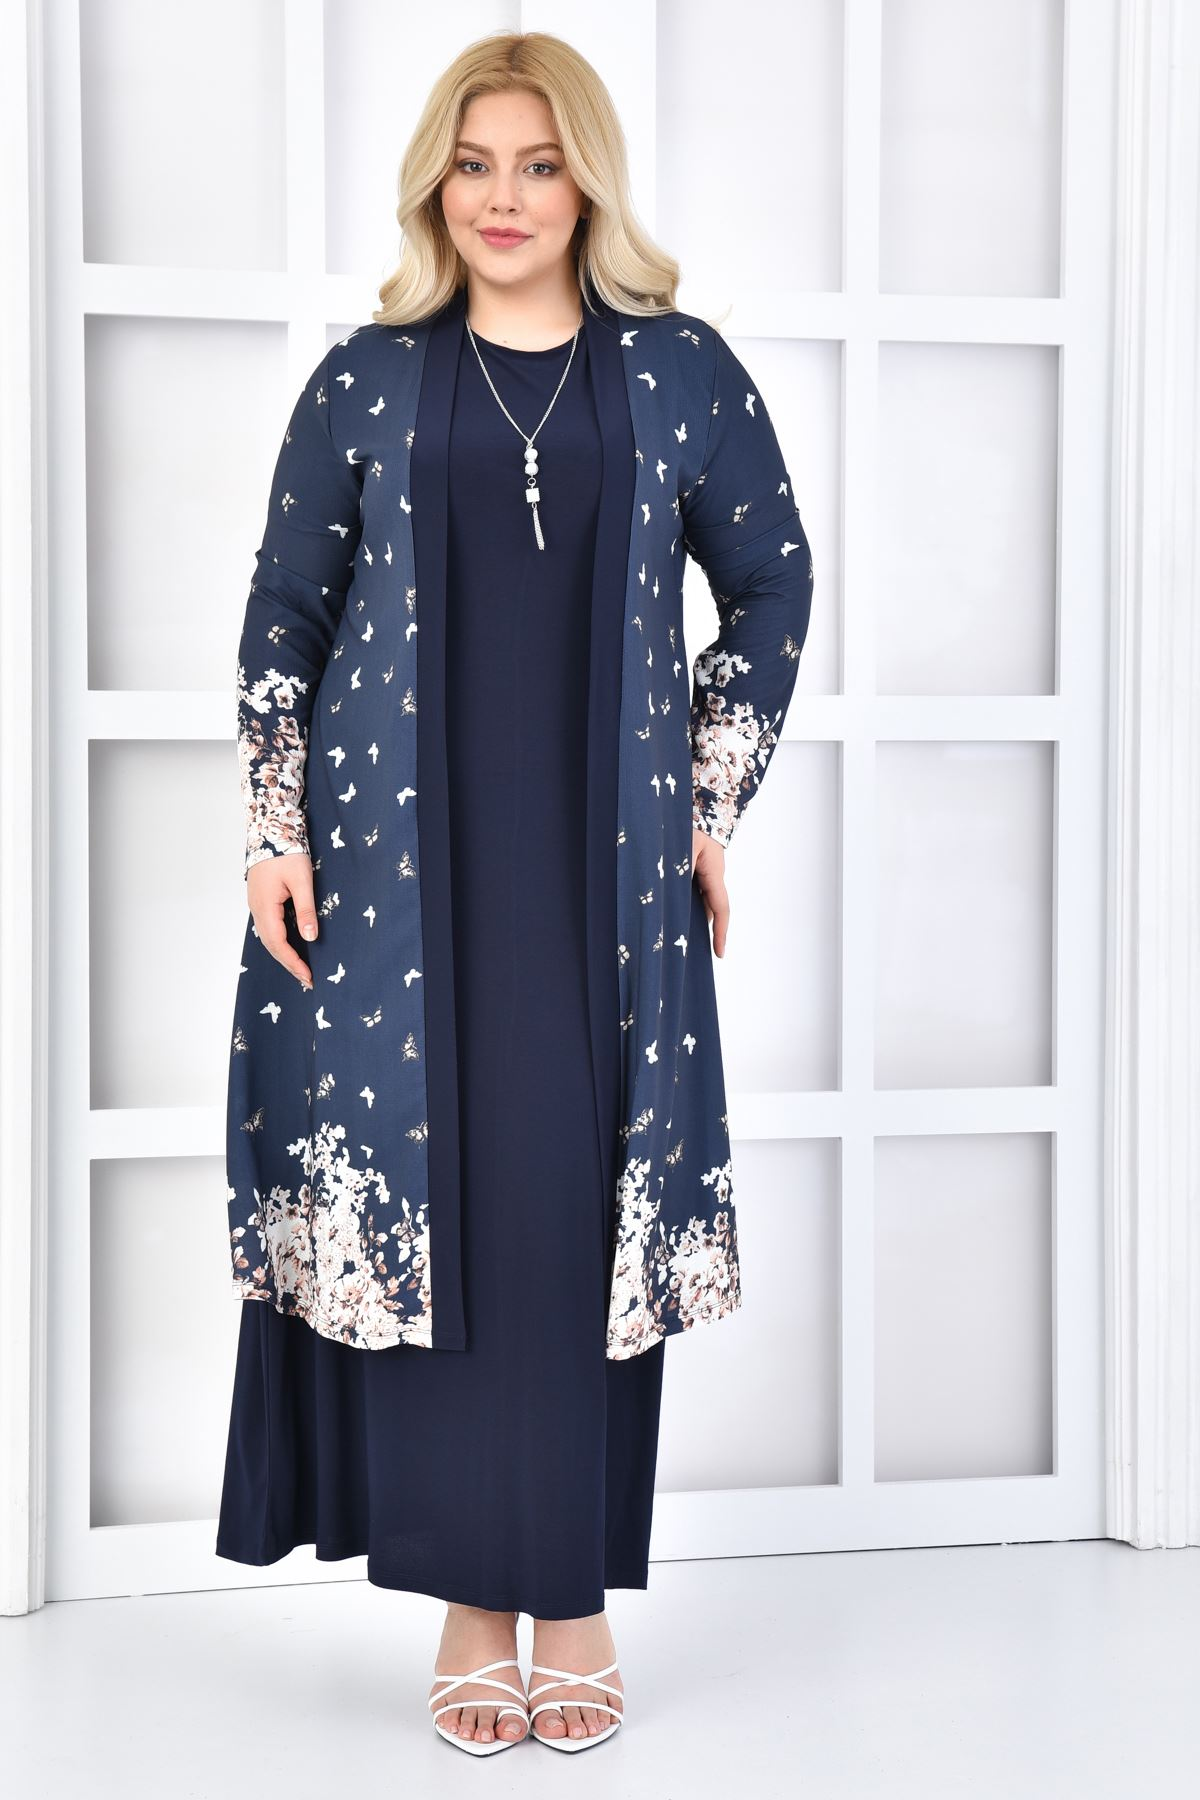 Kadın Lacivert Büyük Beden Elbise 2'li Takım Kelebek